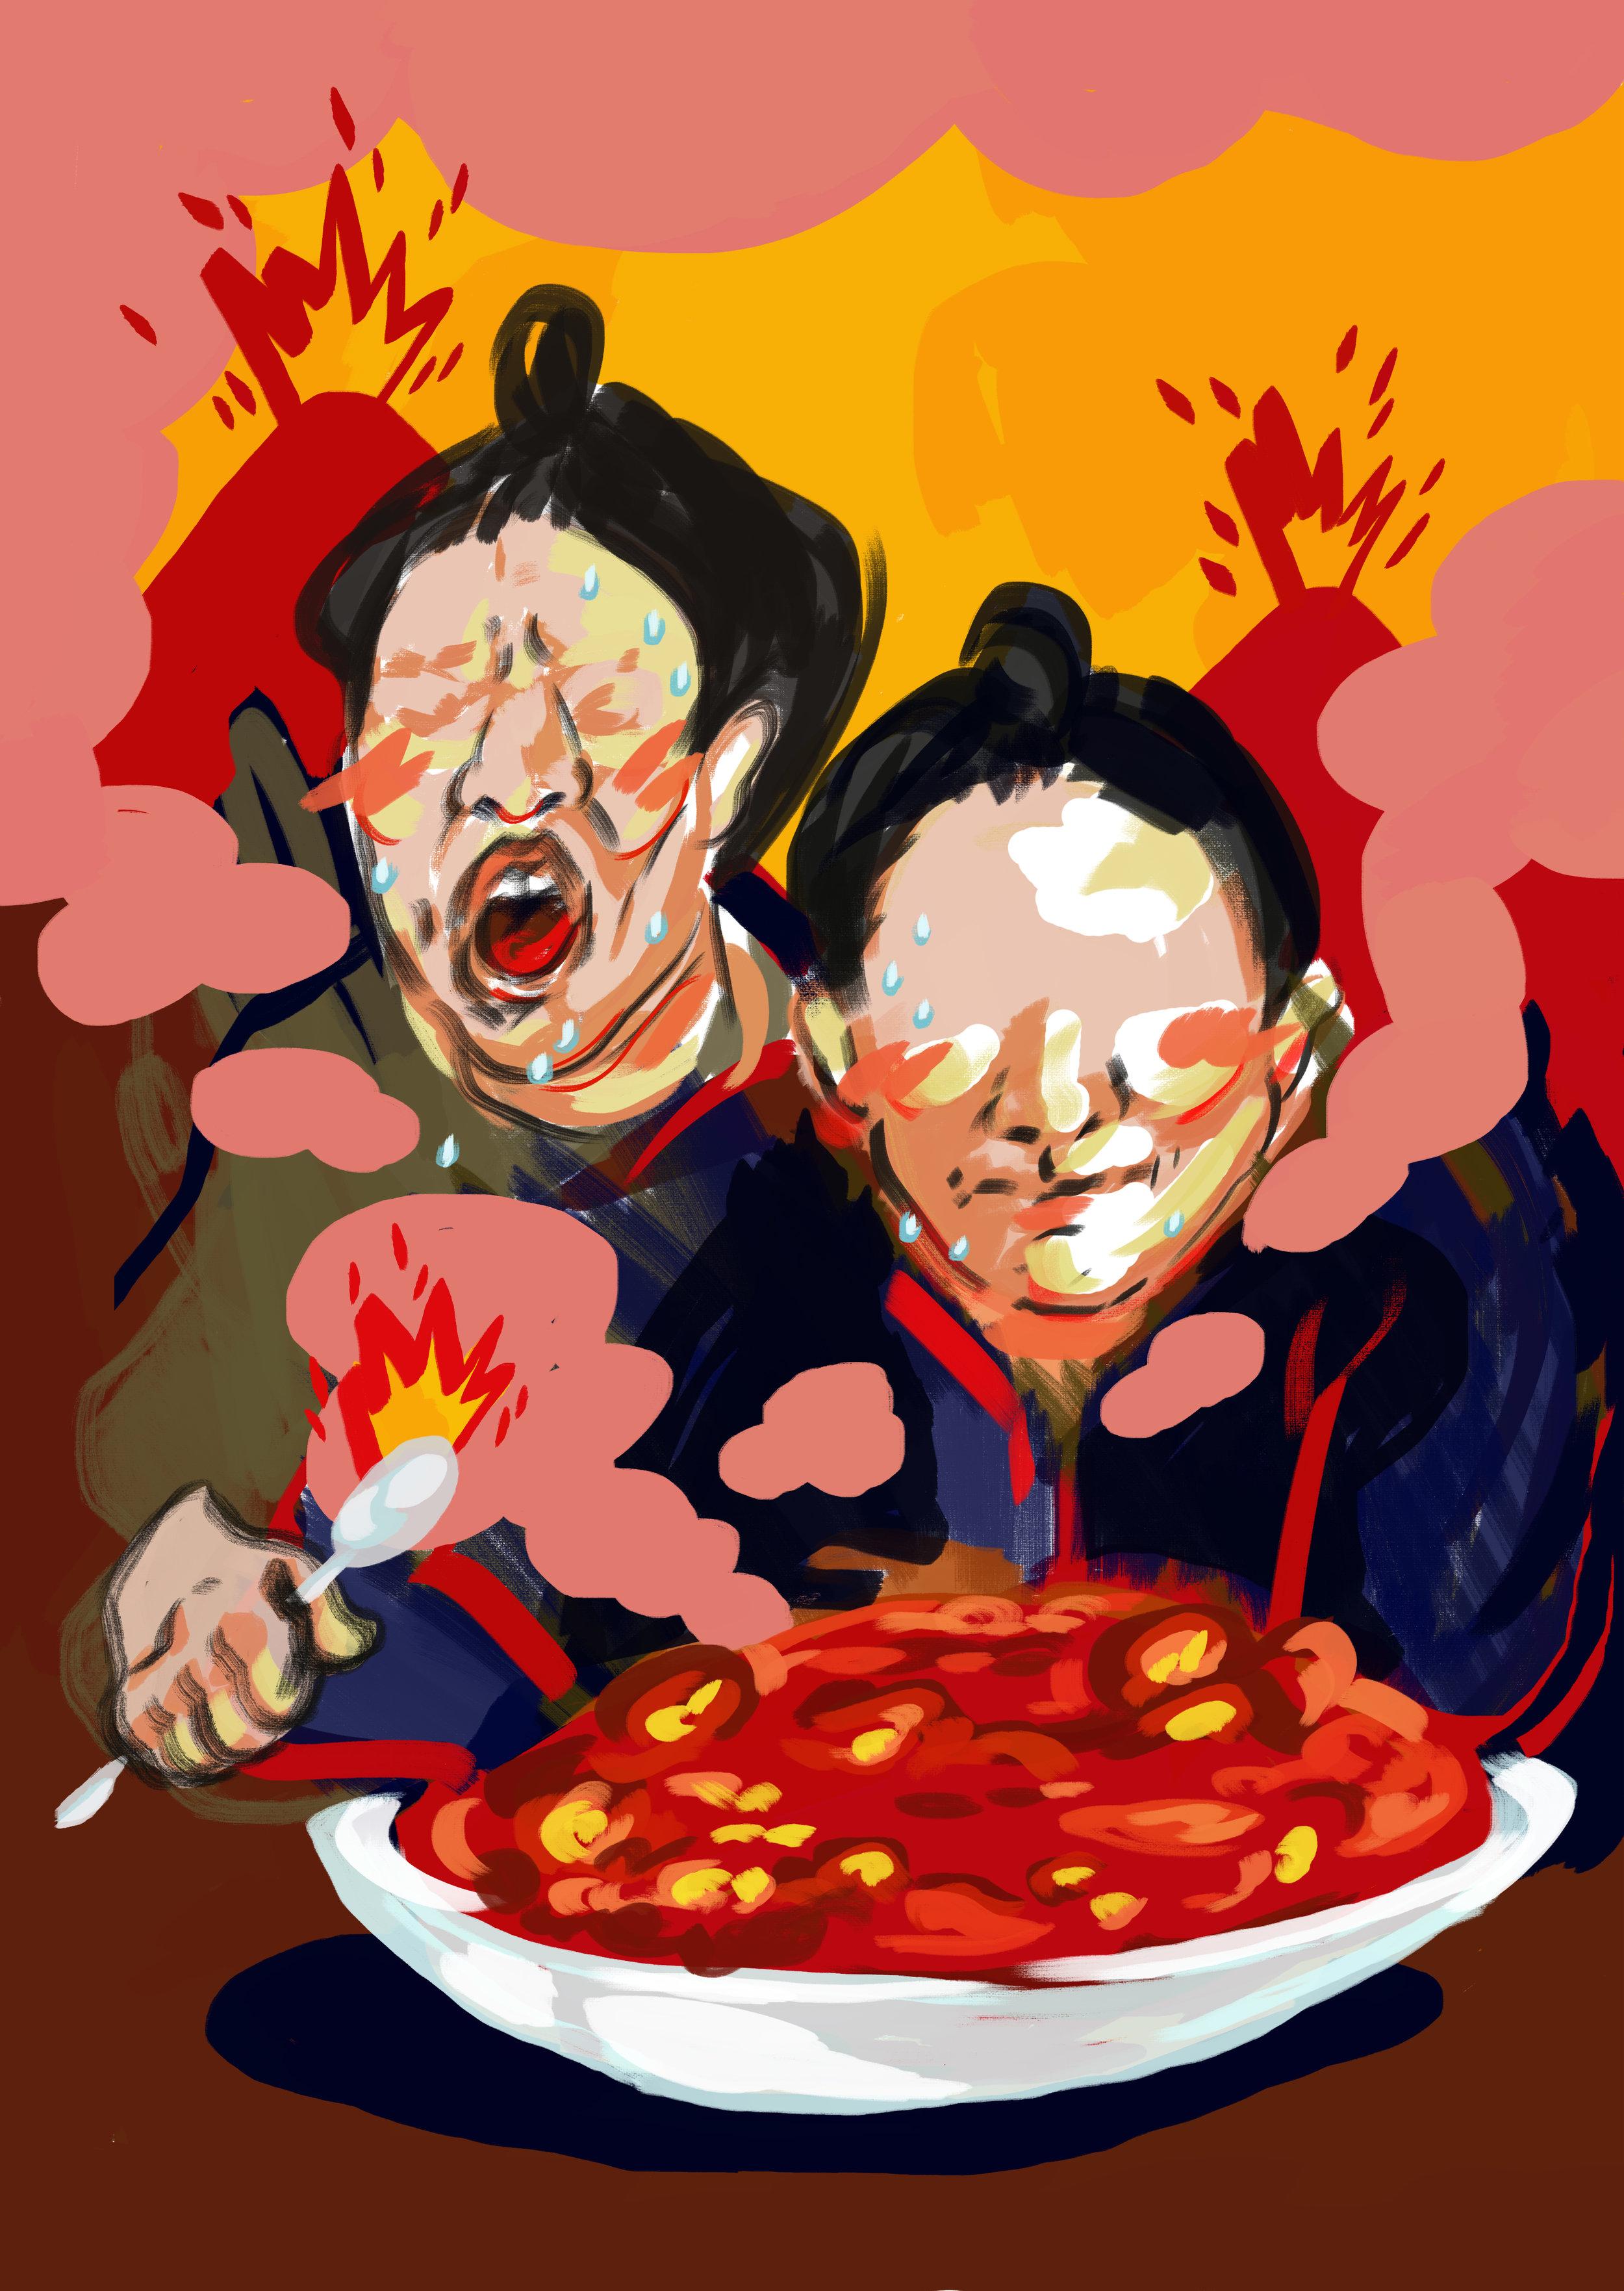 Sichuan_Spice_Scream*.jpg